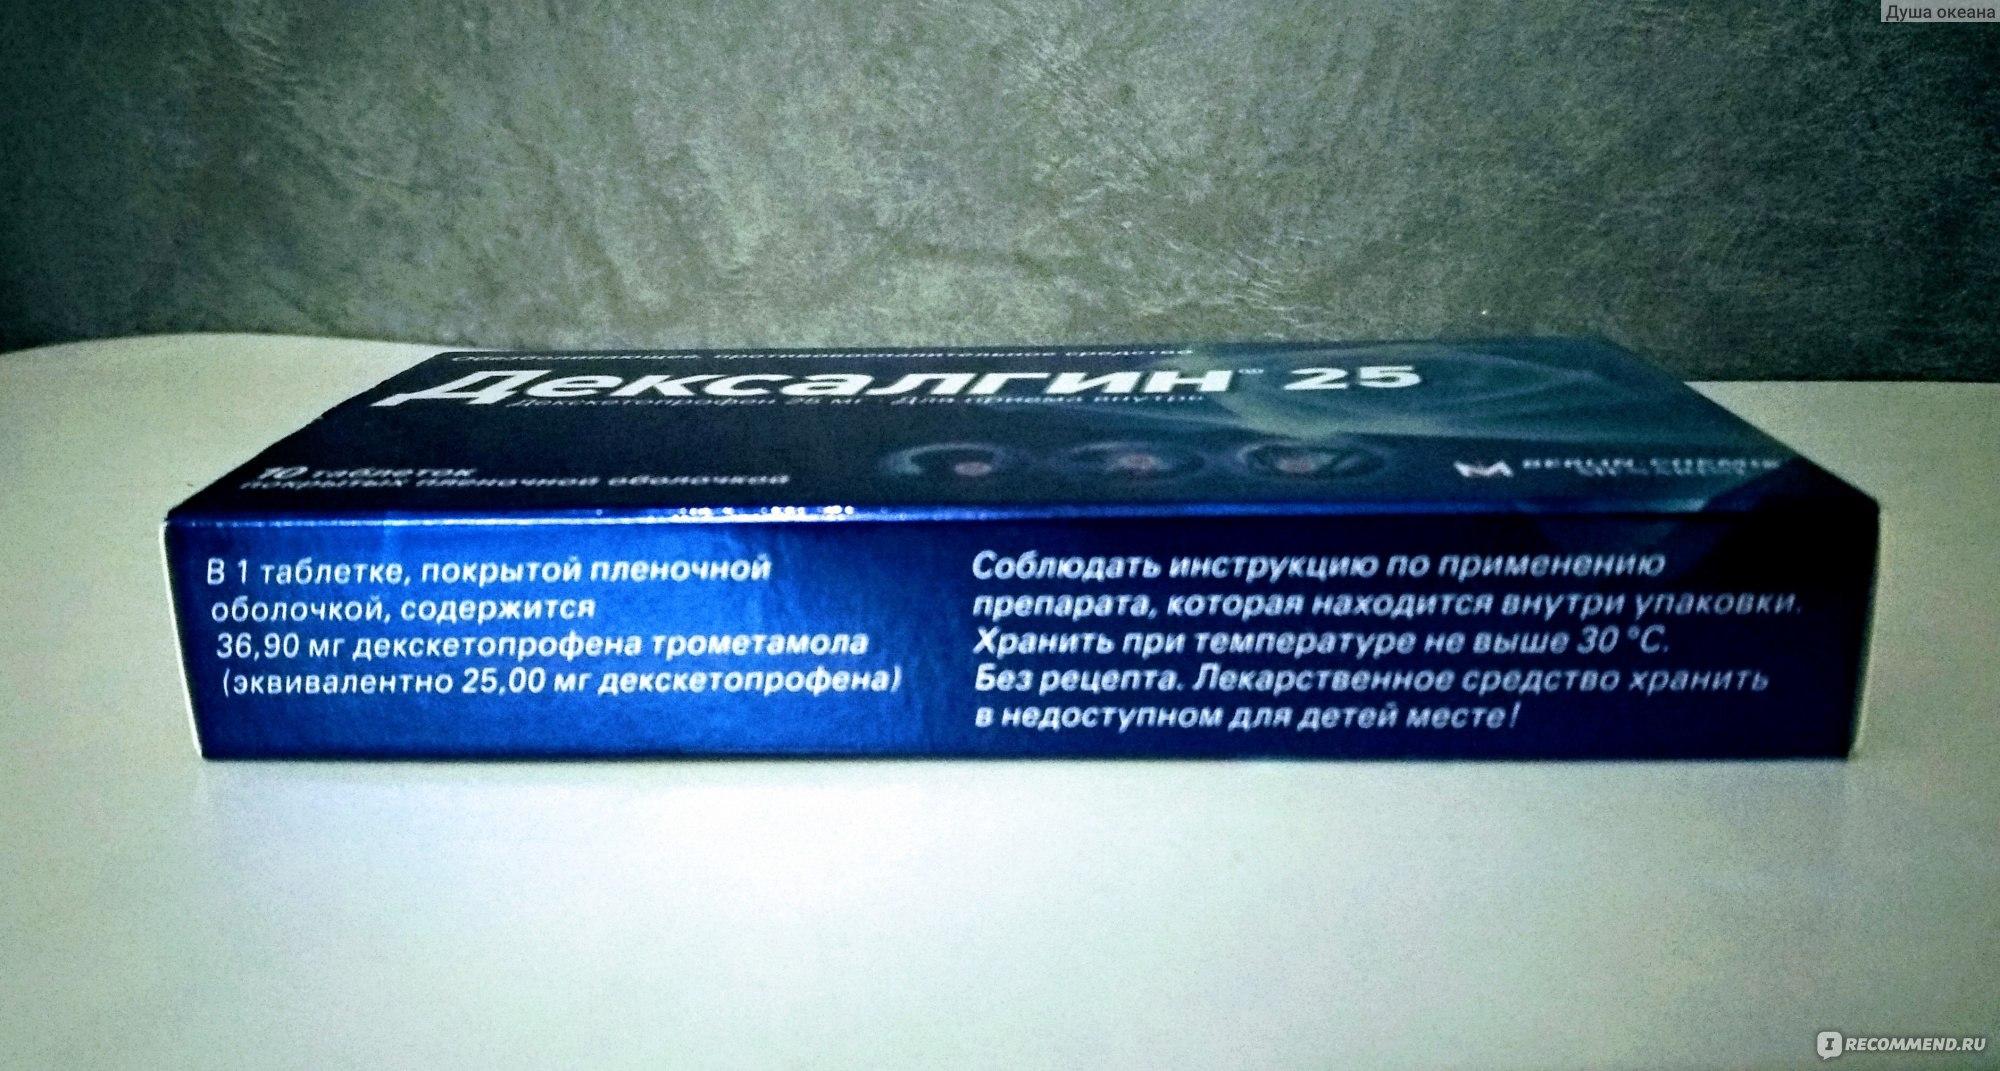 Уколы и таблетки 25 мг дексалгин: инструкция, цена и отзывы